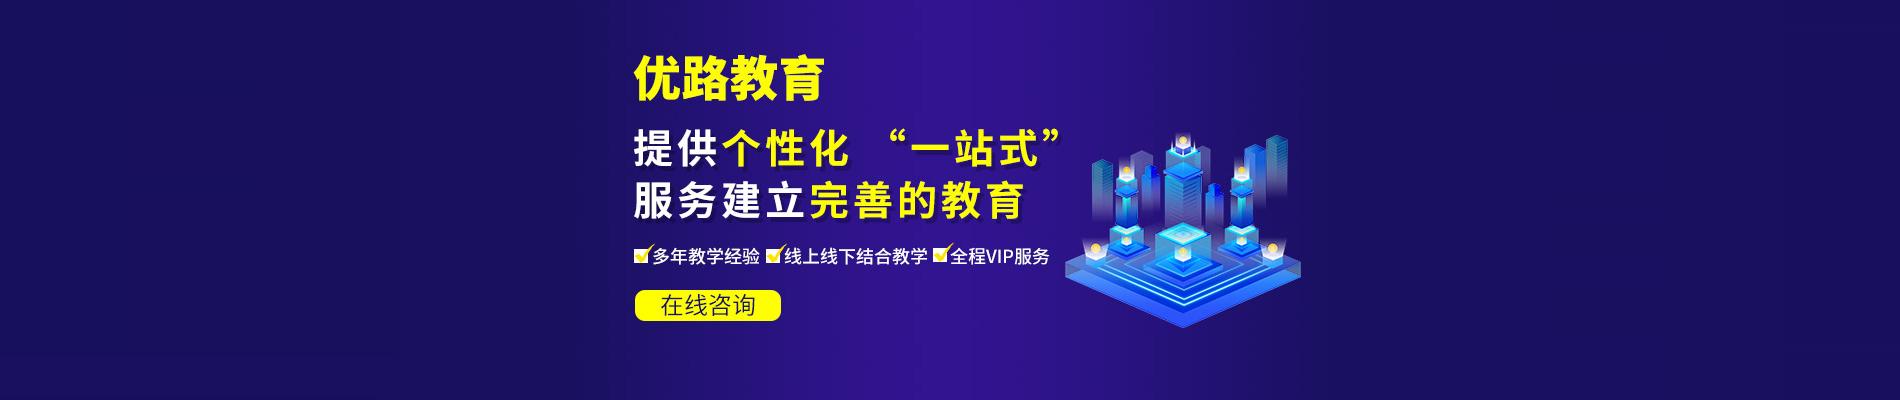 浙江衢州优路教育培训学校